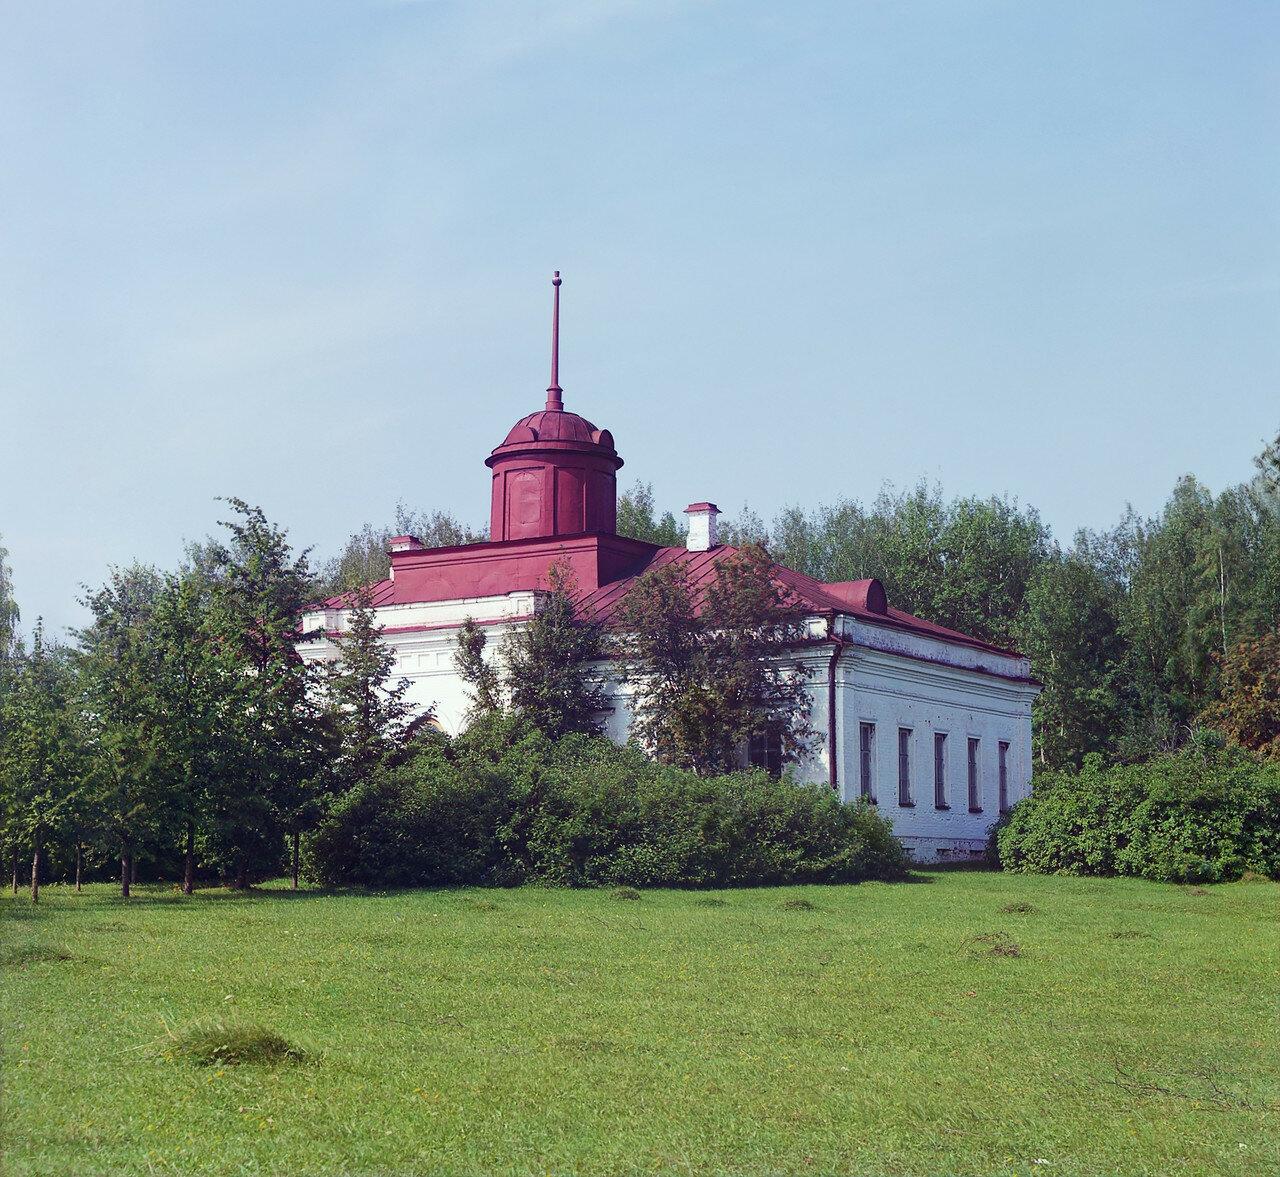 Окрестности Переславля. Белый дворец в музей-усадьба «Ботик Петра I»